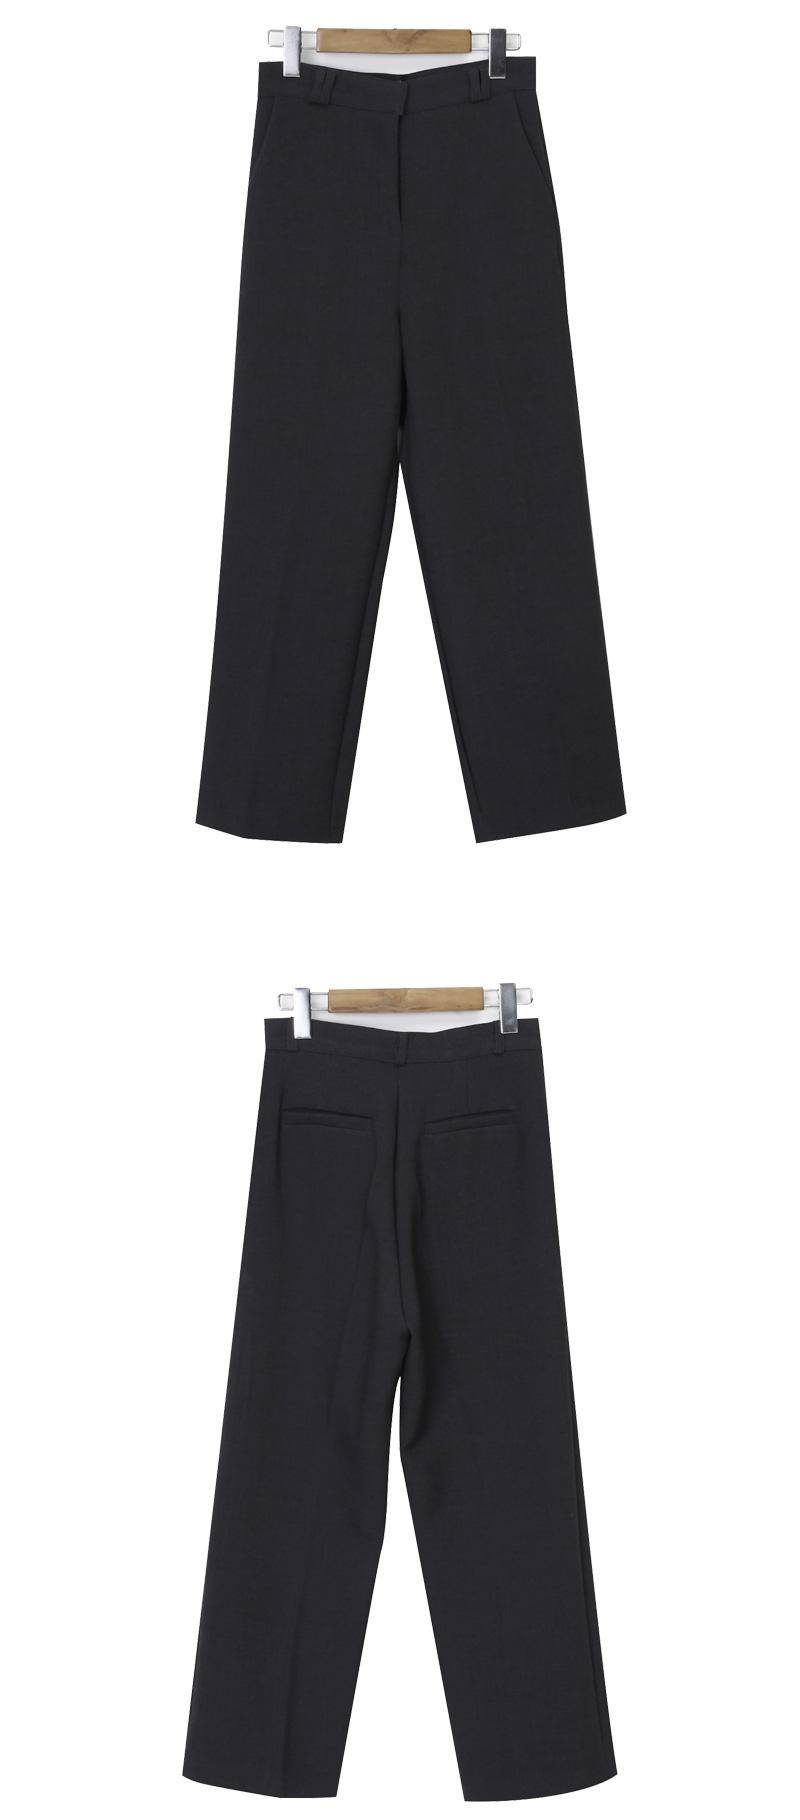 Third daliy warm slacks_J